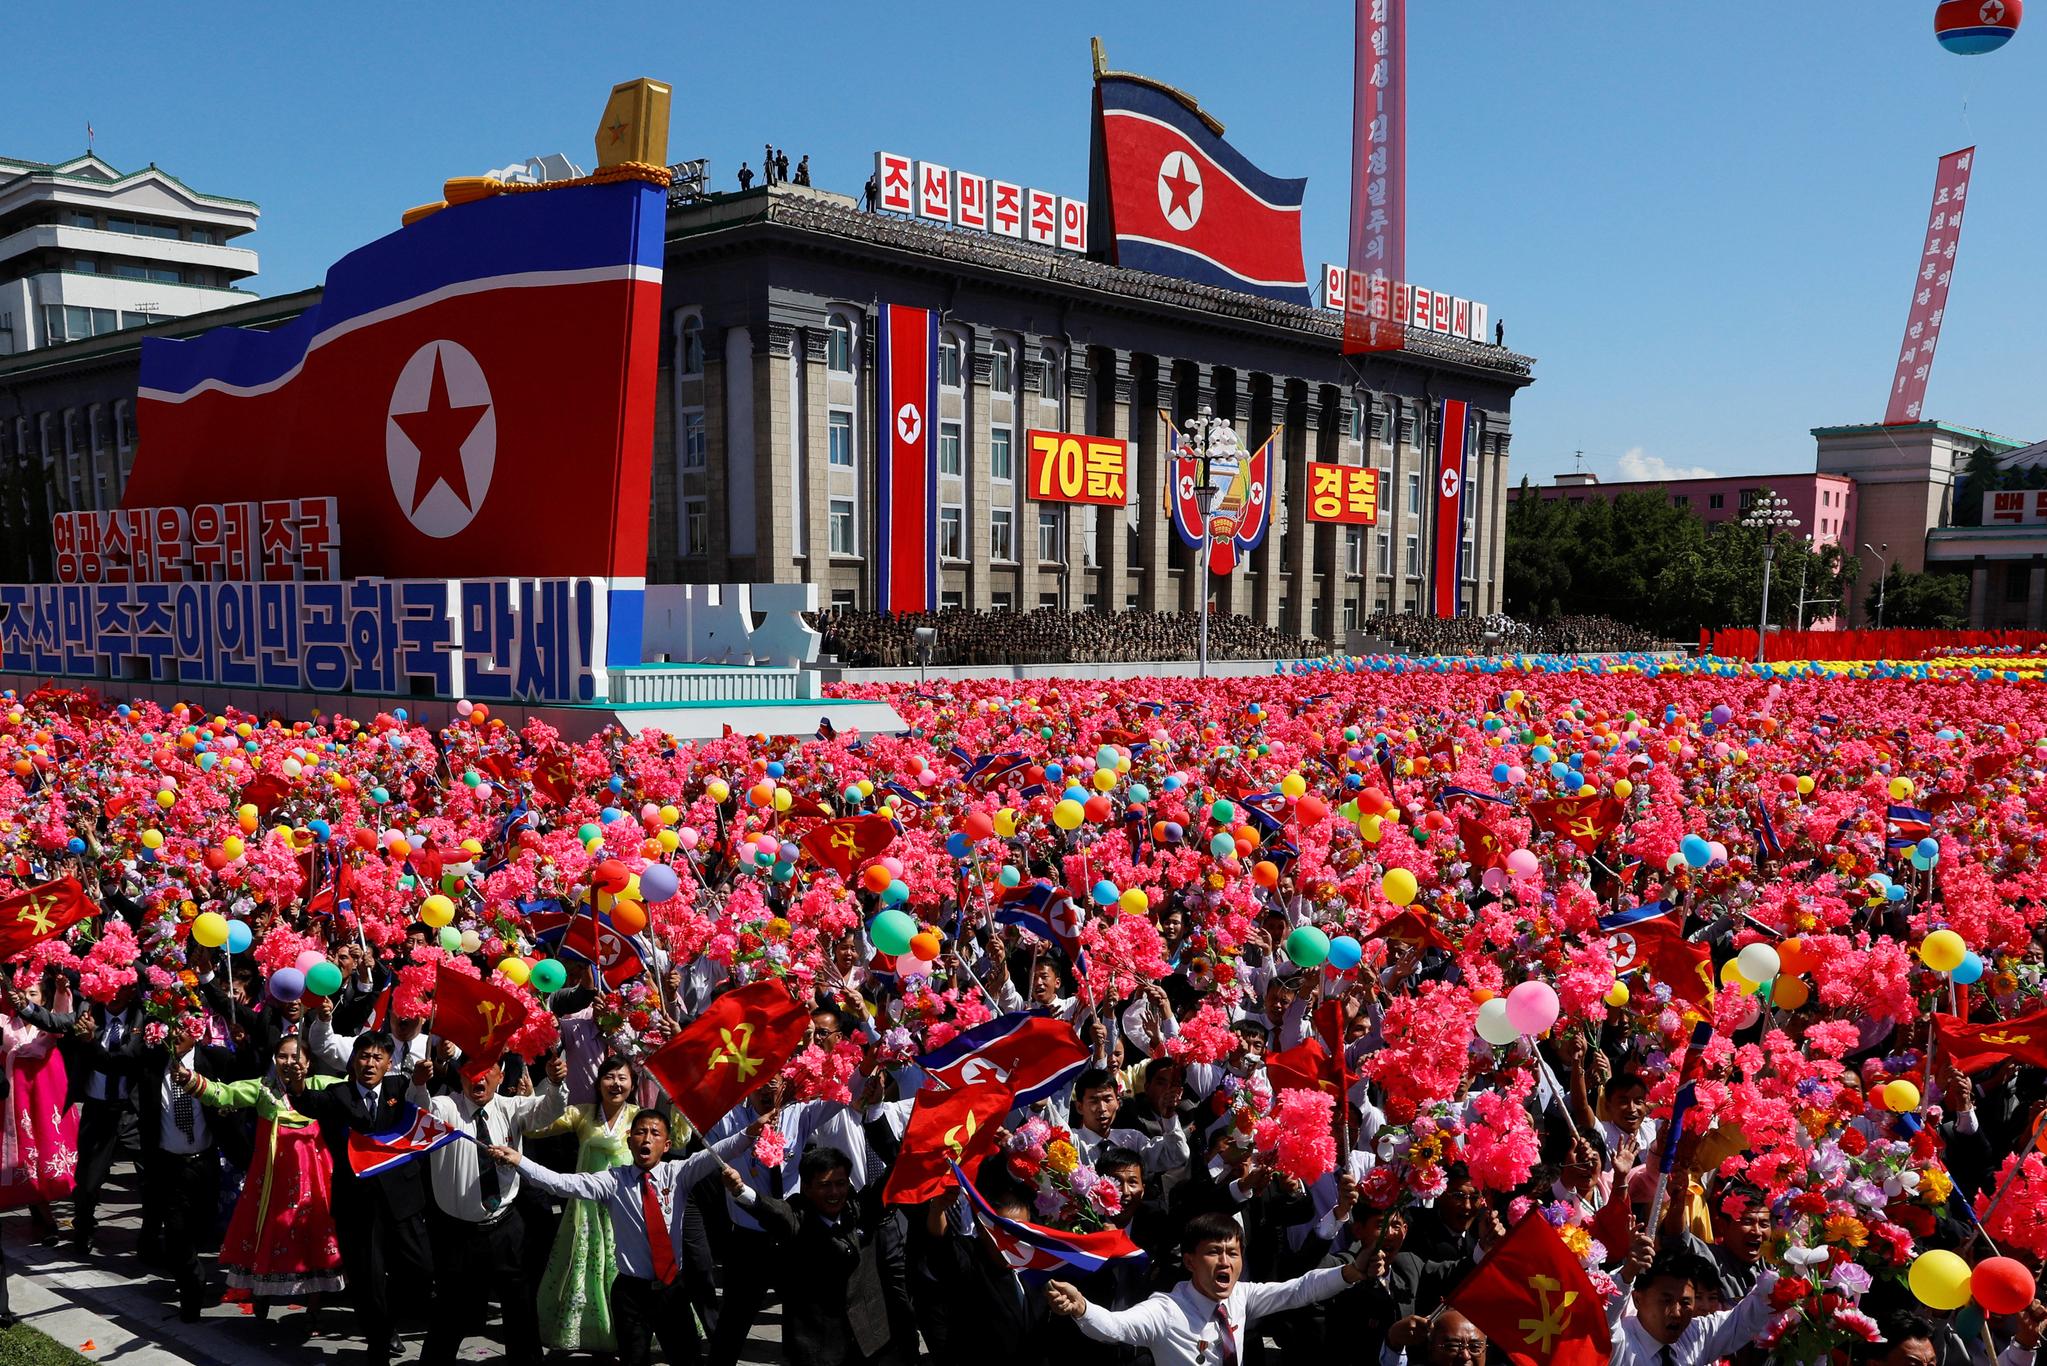 9일 북한 평양 김일성광장에서 열린 정권 수립(9.9절) 70주년 기념 열병식에서 주민들이 붉은 꽃과 형형색색의 풍선을 들고 행사에 참여하고 있다. 이날 열병식에서는 대륙간탄도미사일(ICBM)은 등장하지 않았다. [로이터=연합뉴스]